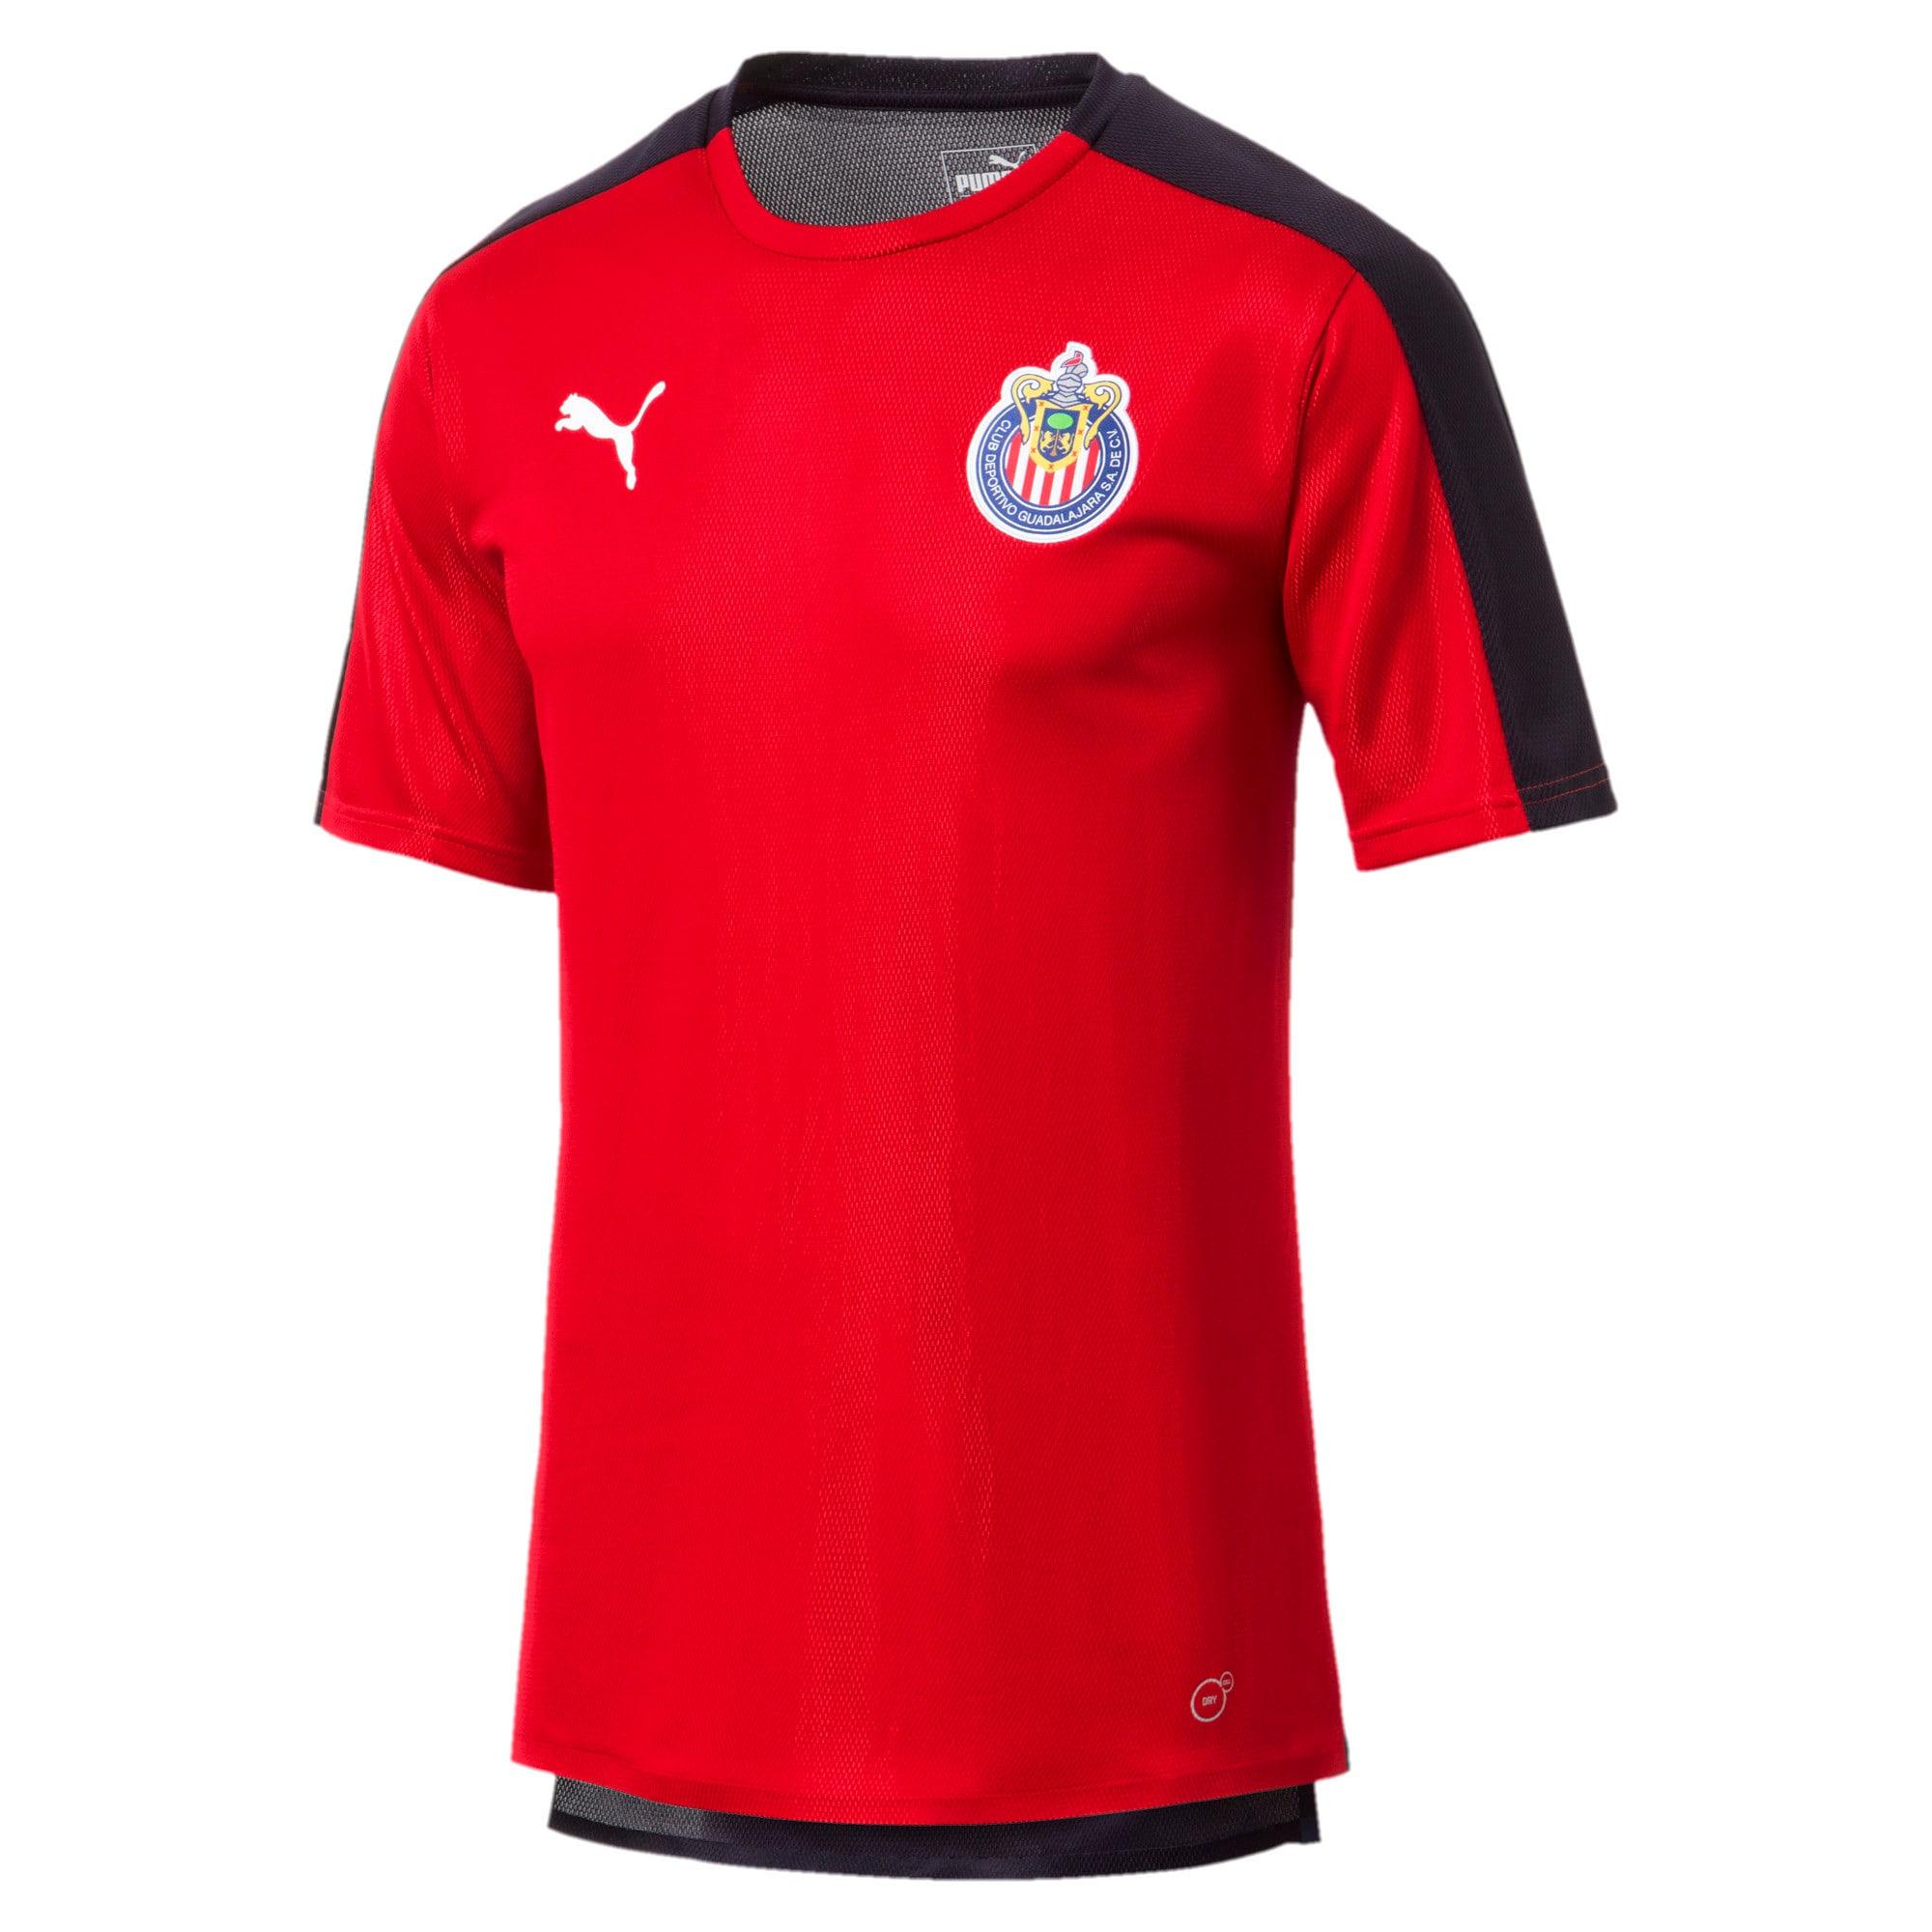 Miniatura 1 de CamisetaChivas Stadium, Puma Red, mediano